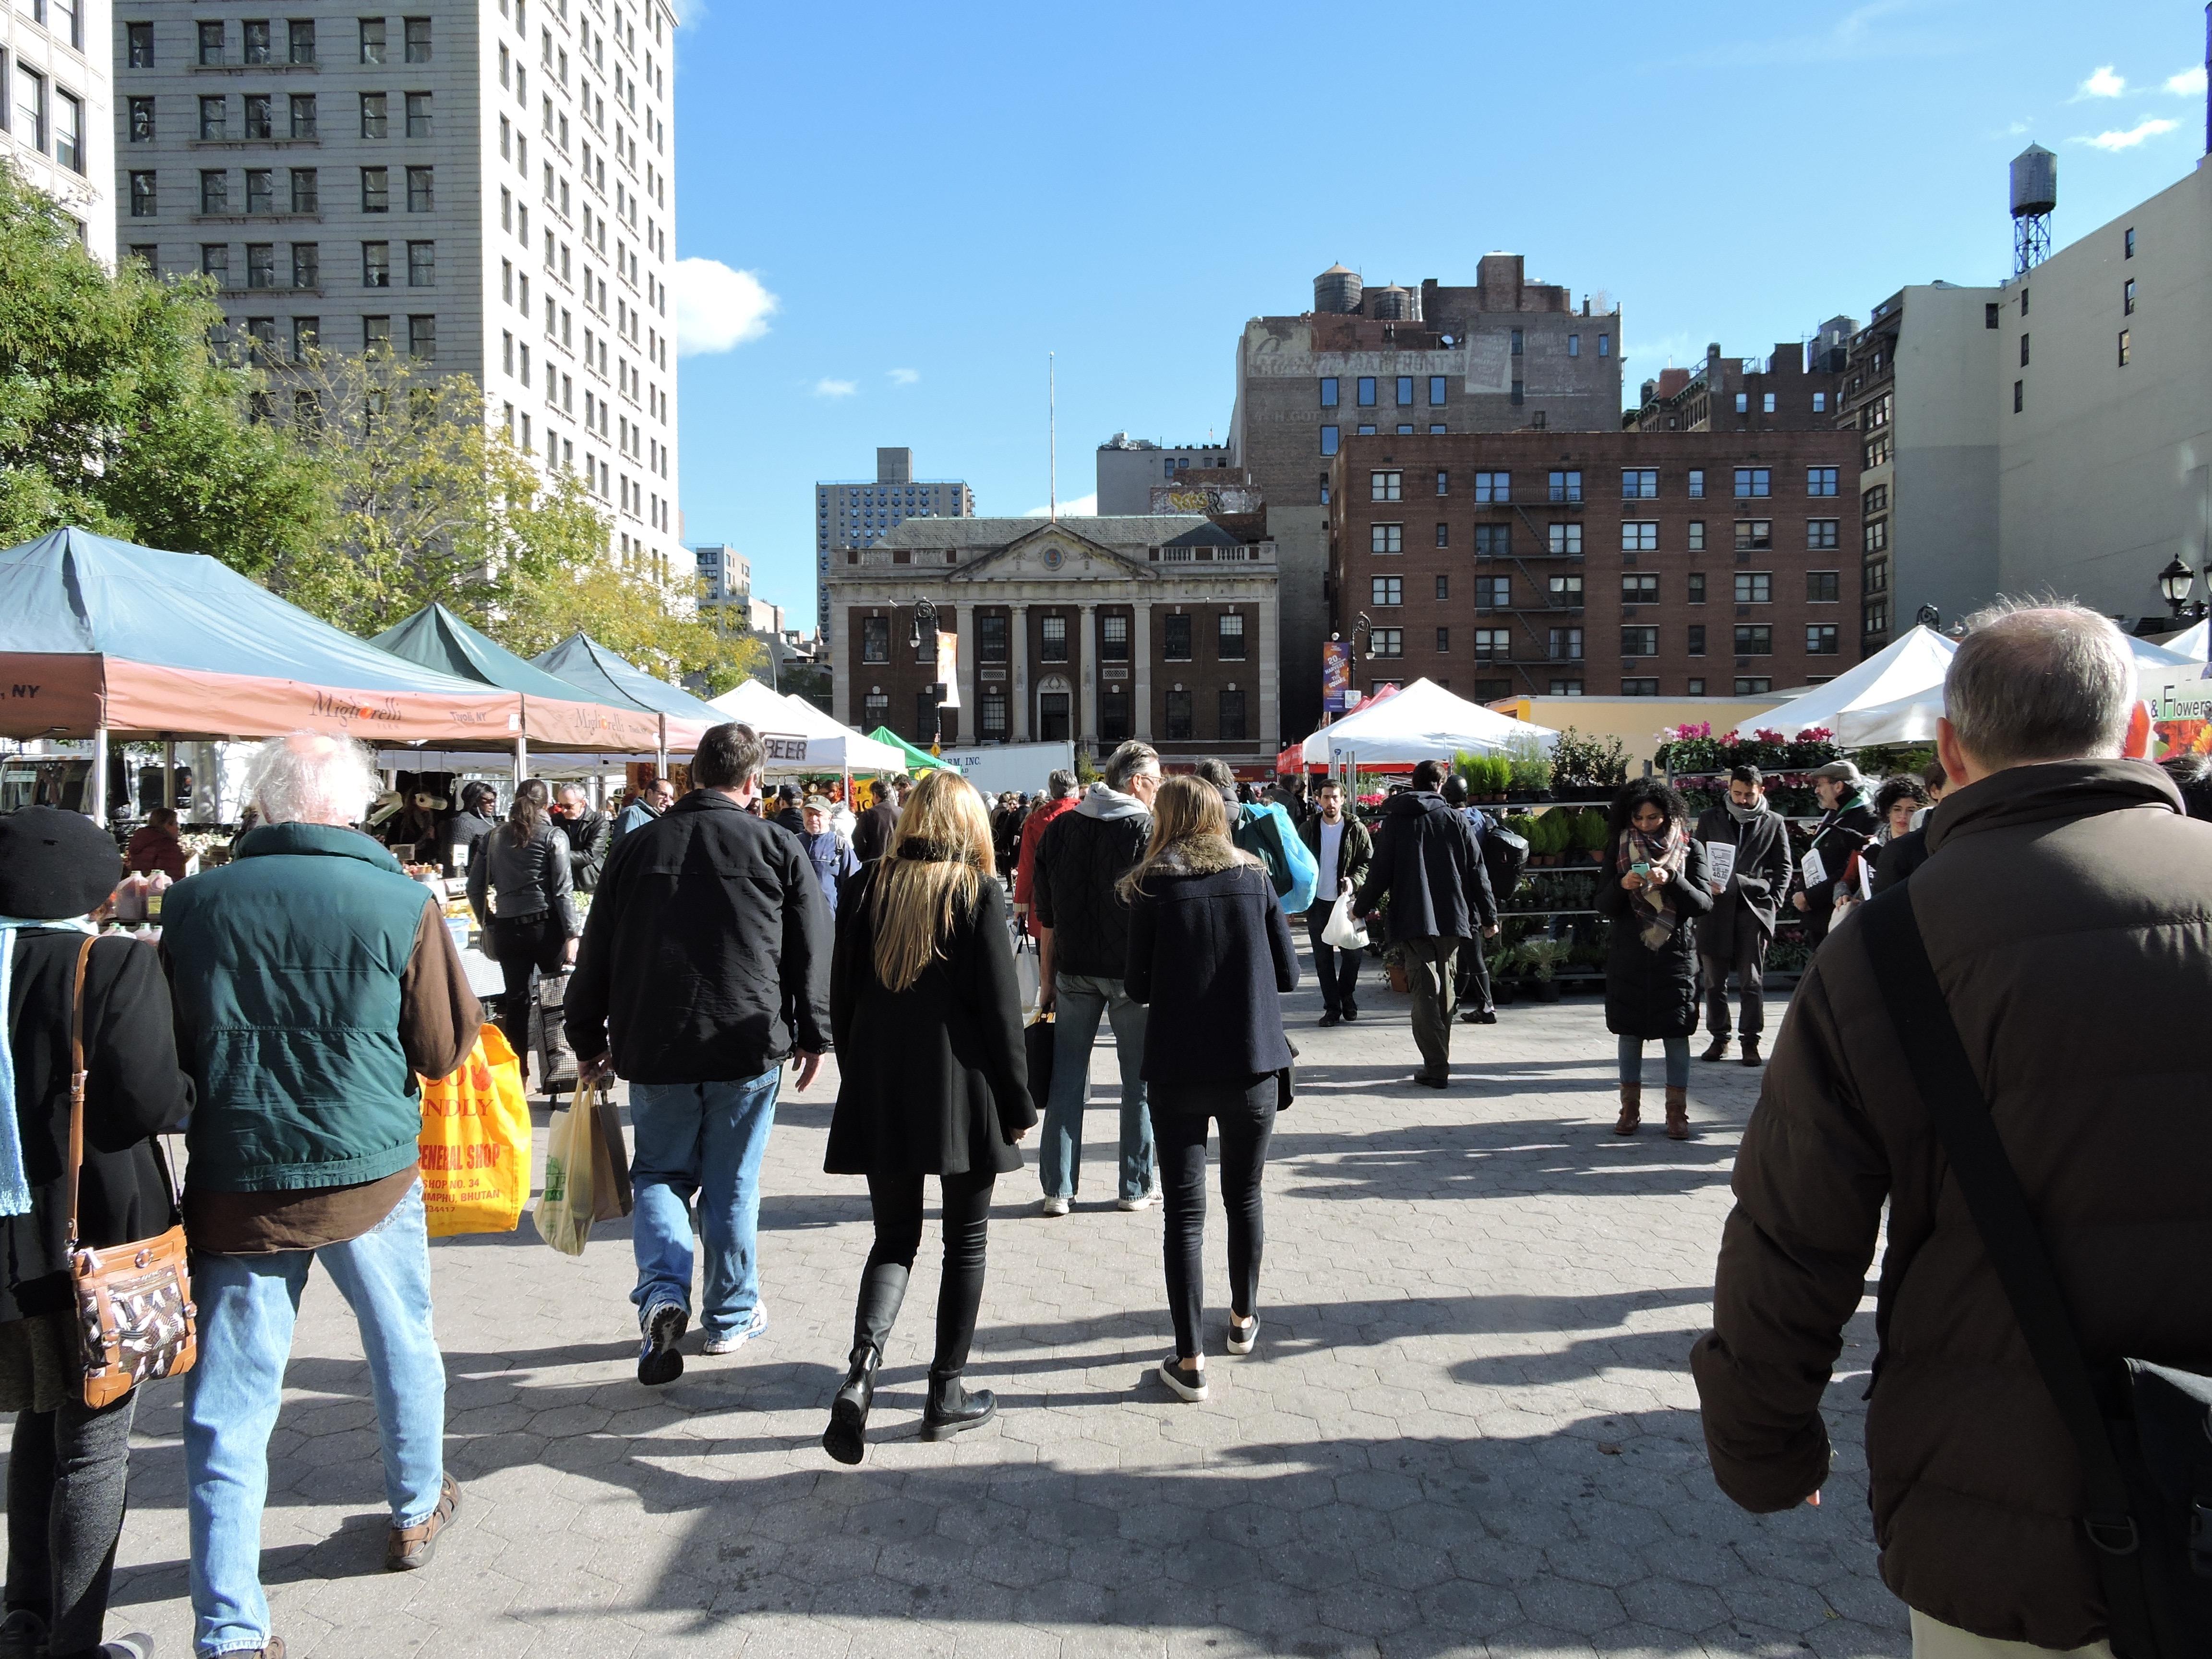 7.farmers market